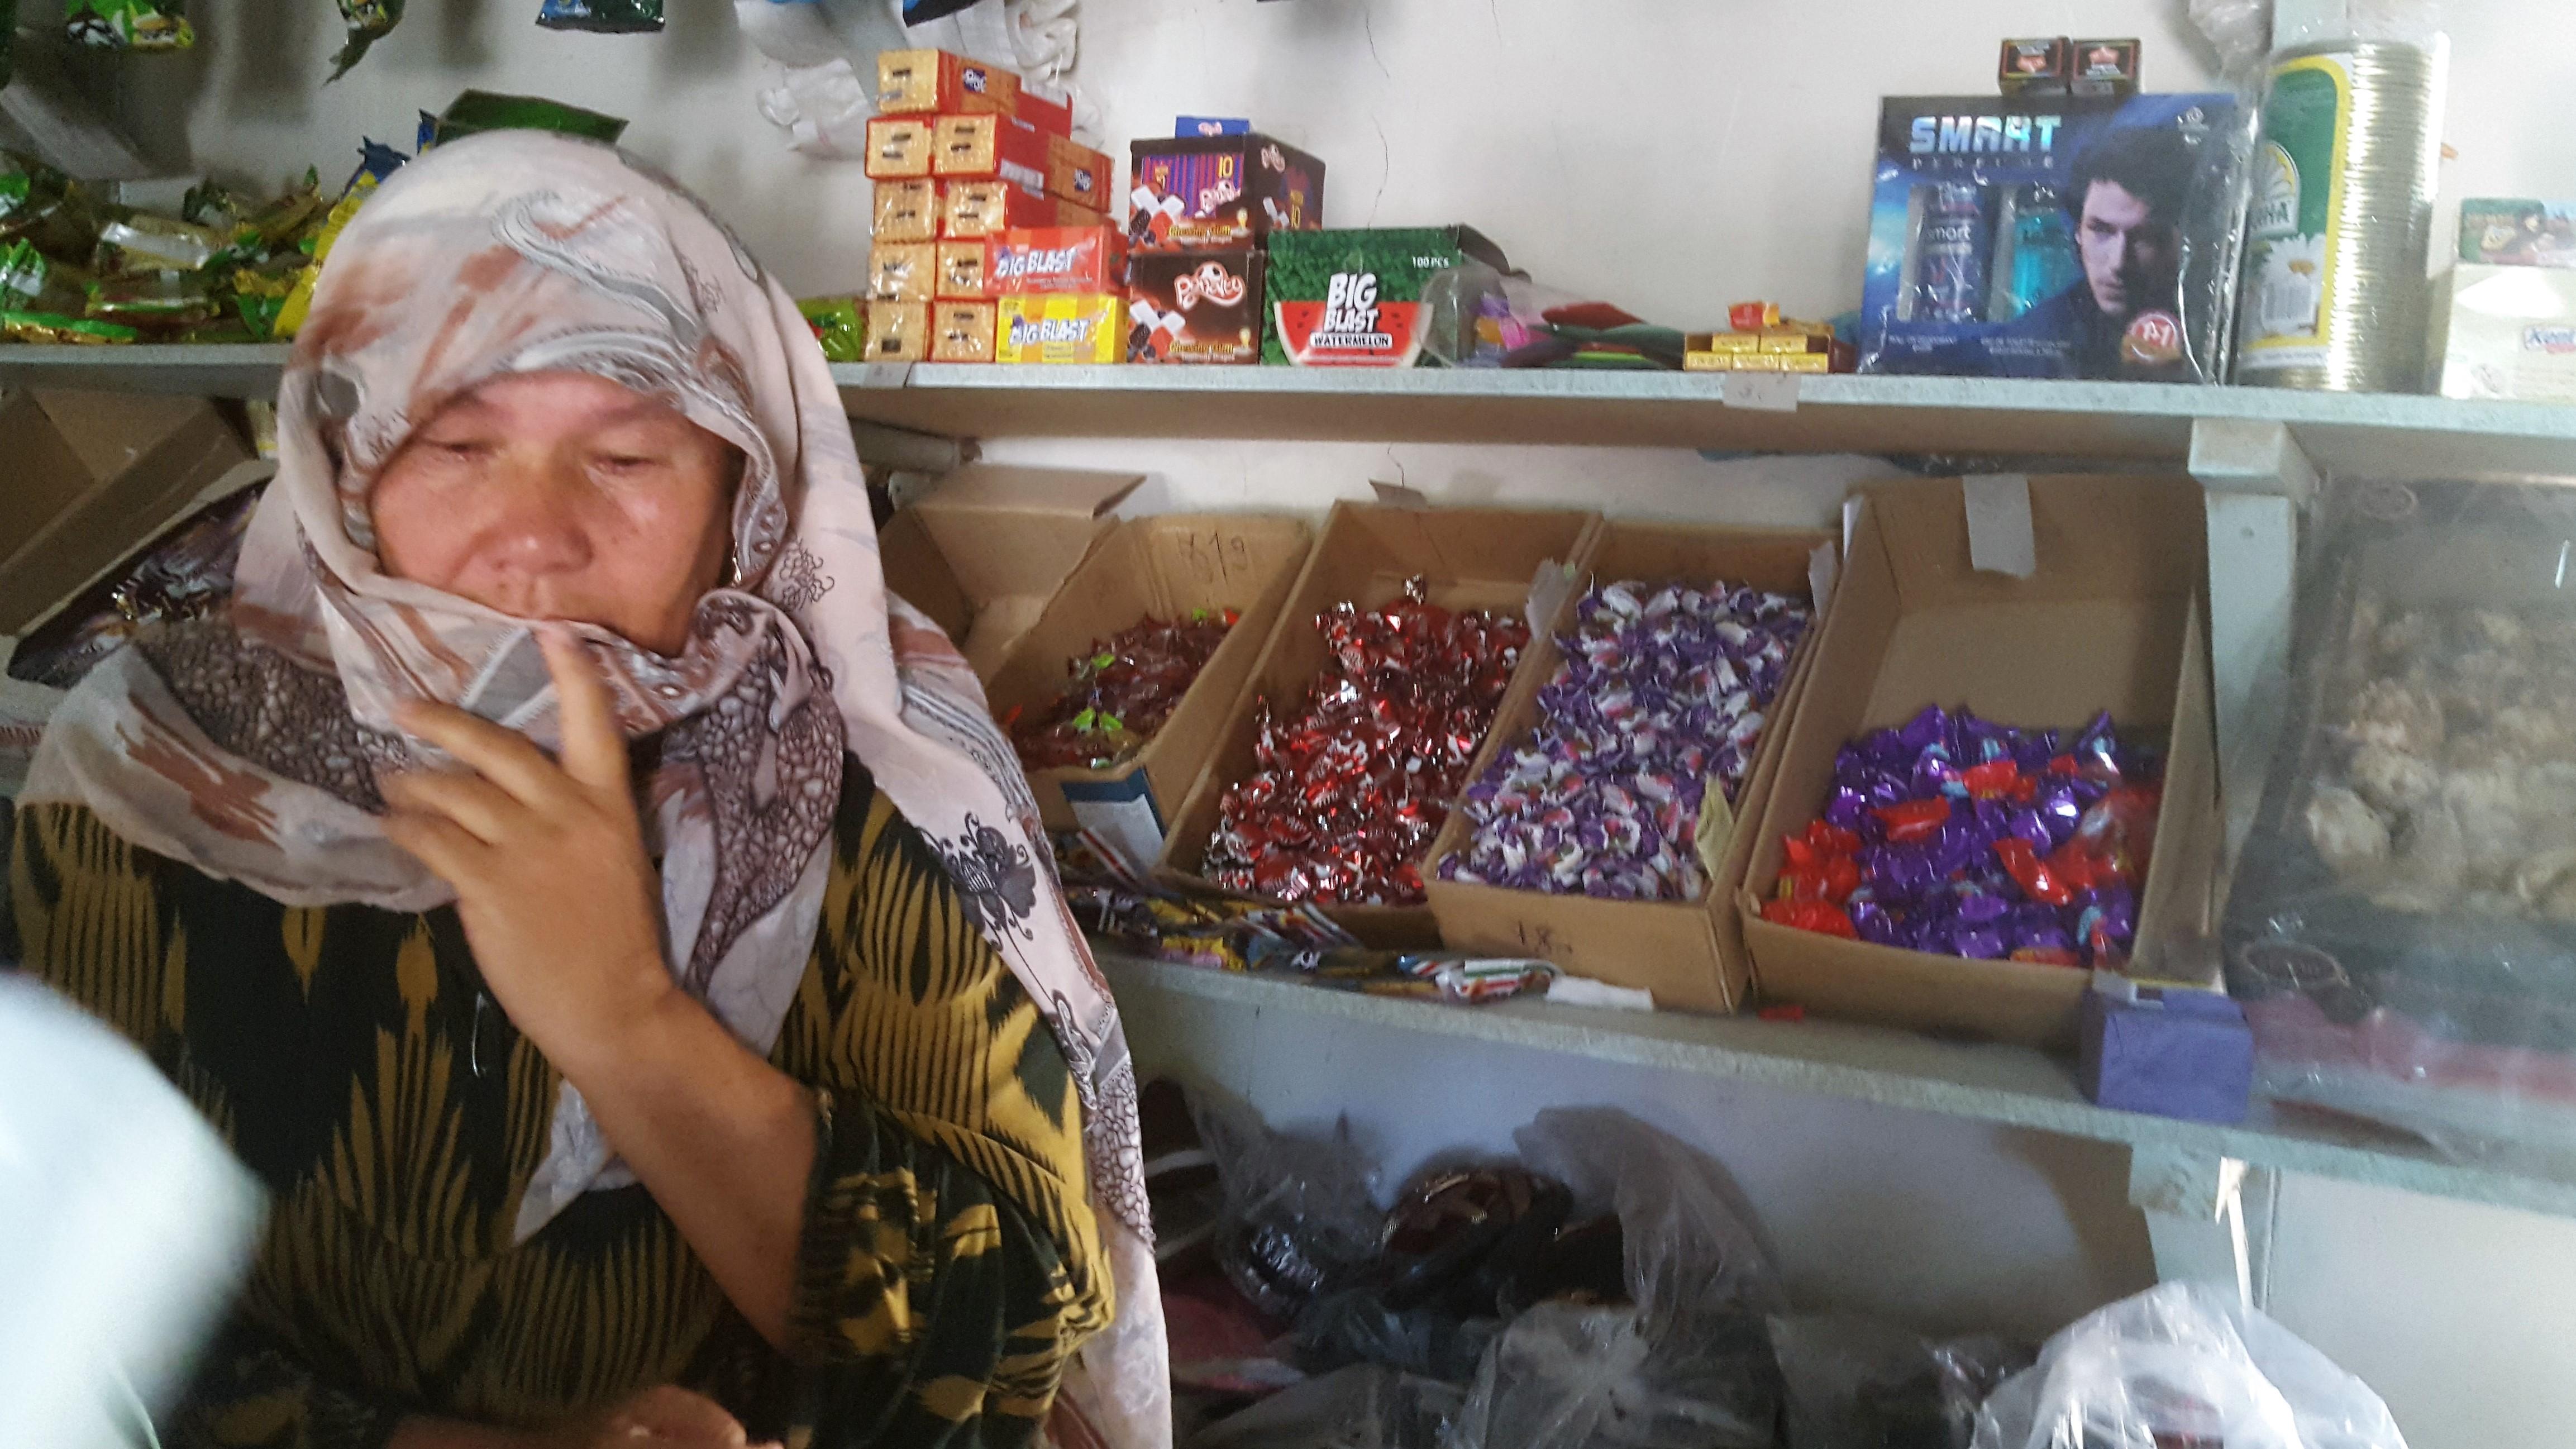 Гульчехра Салимова, сфотографированная в августе в районе Кабадиян, потеряла связь со своей дочерью и четырьмя внуками после того, как они отправились в Сирию в 2014 году. [Надин Бахром]